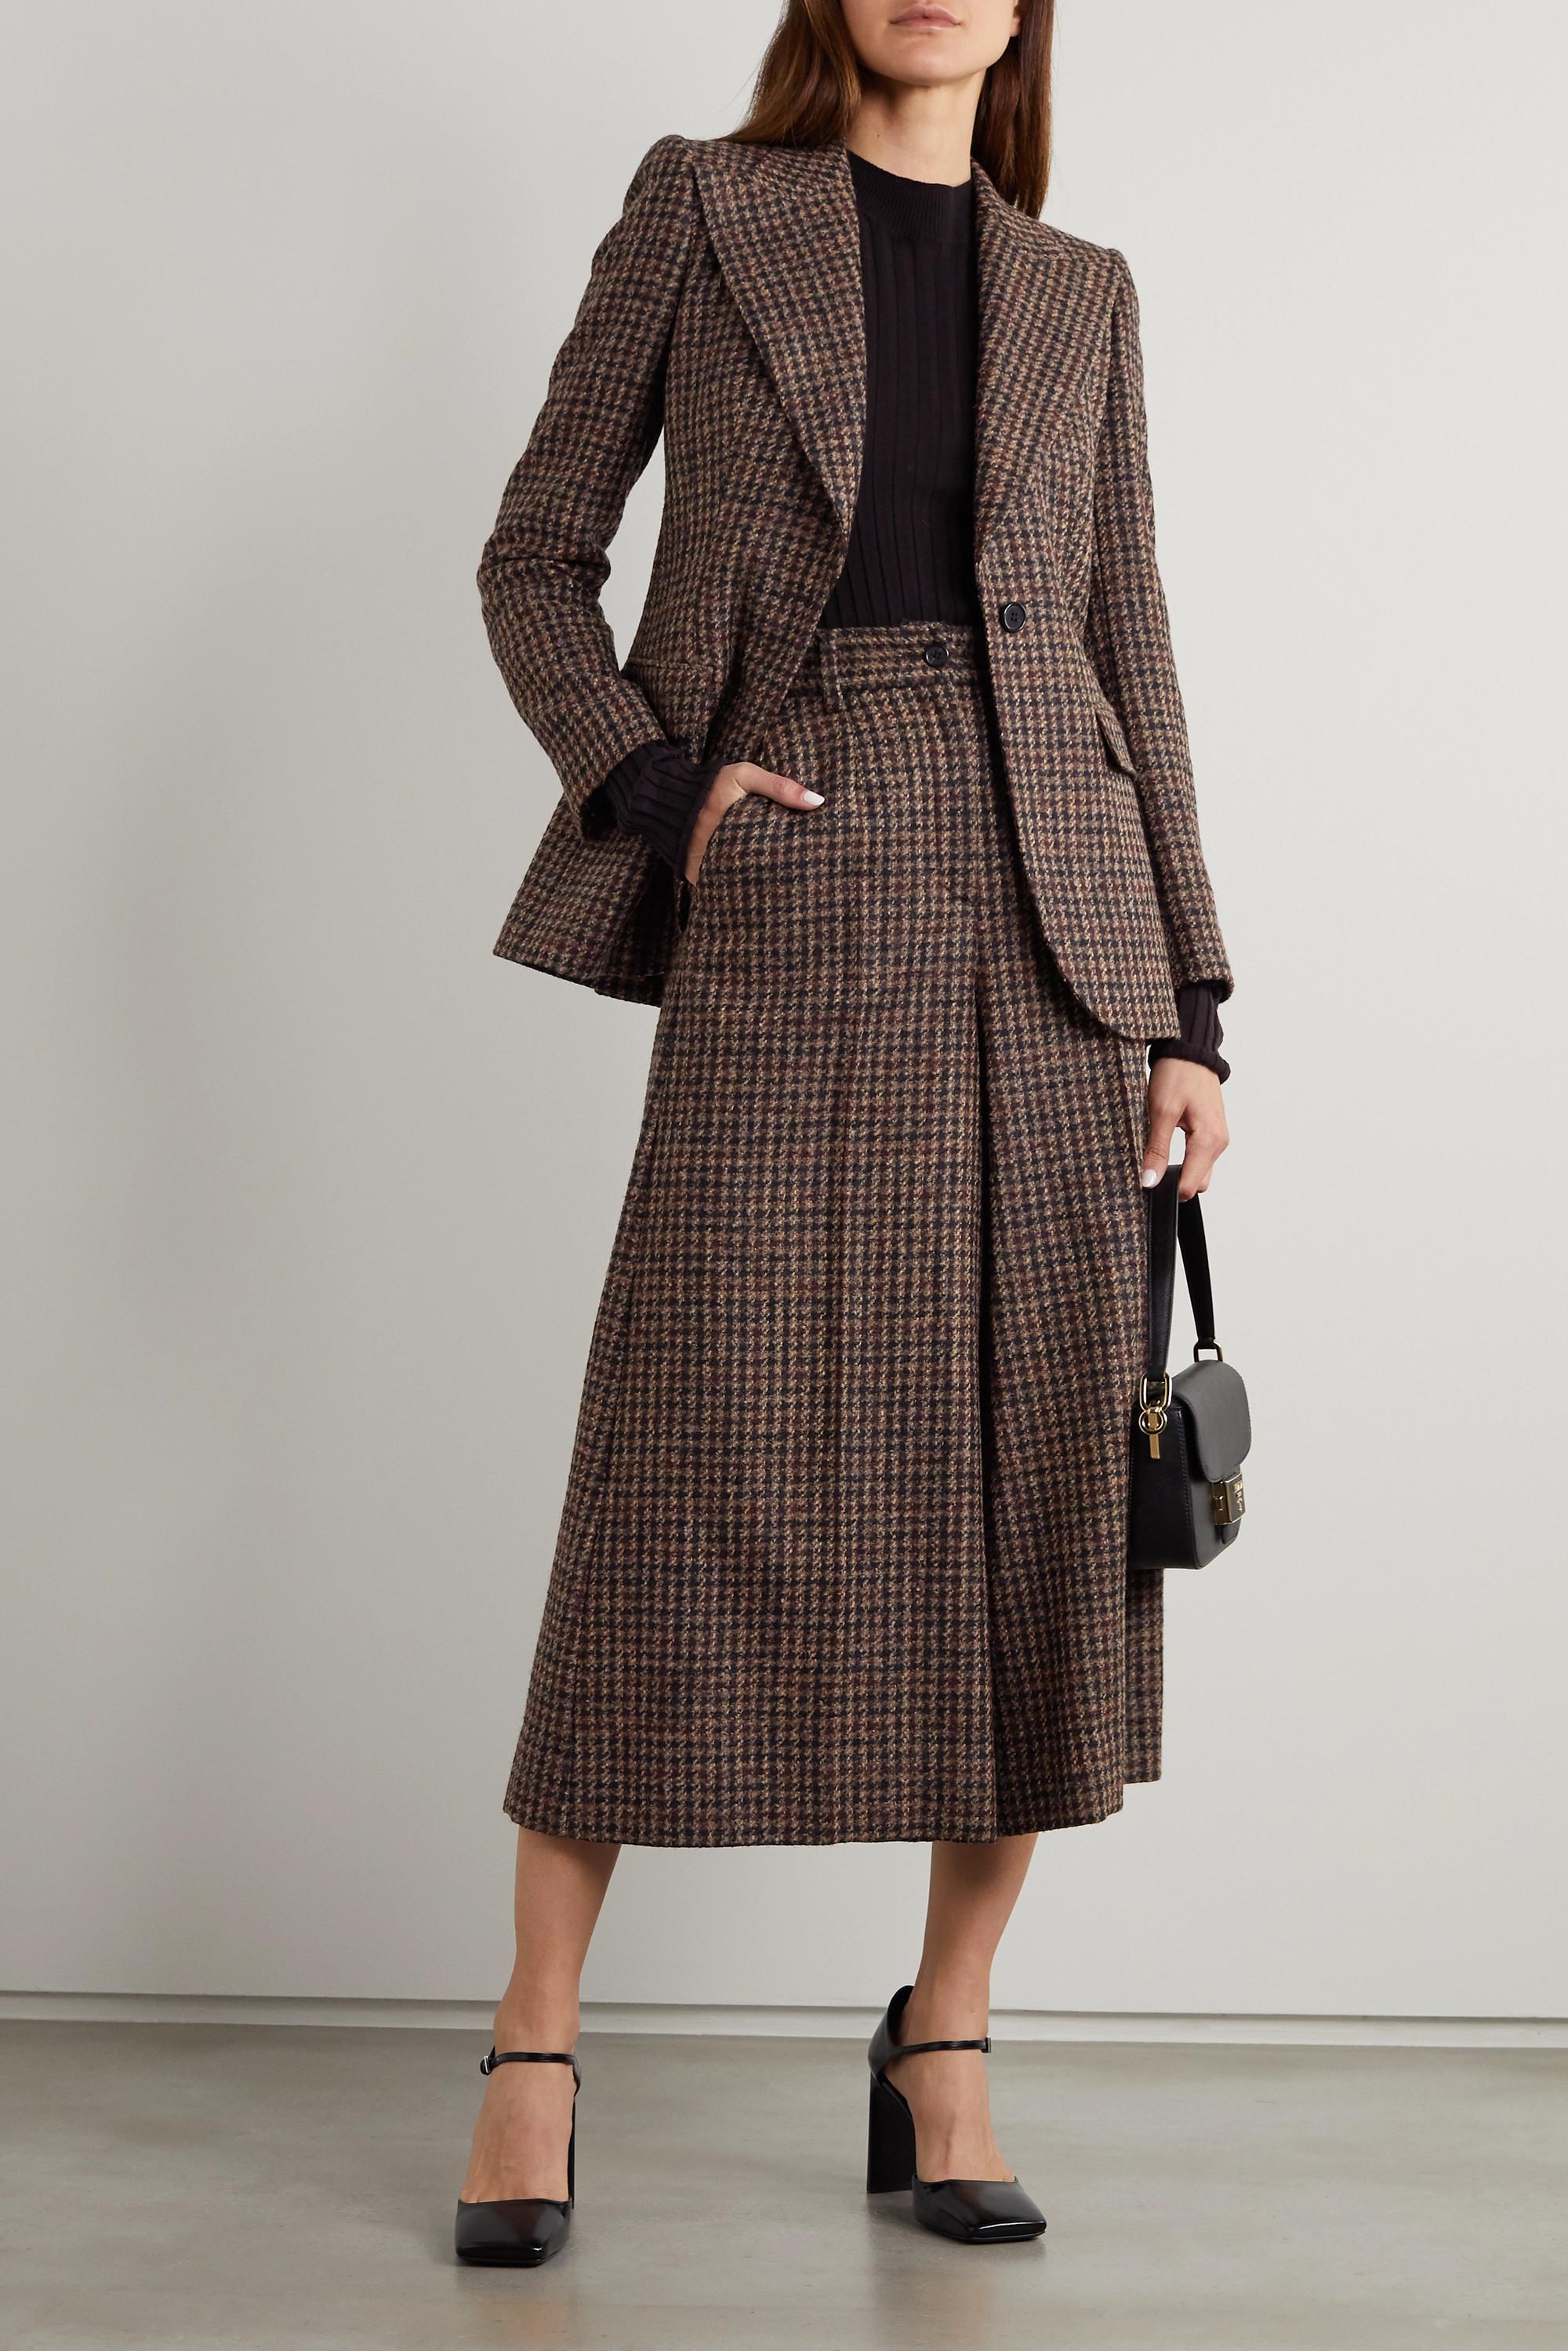 Brown Houndstooth Tweed Blazer | Dolce & Gabbana